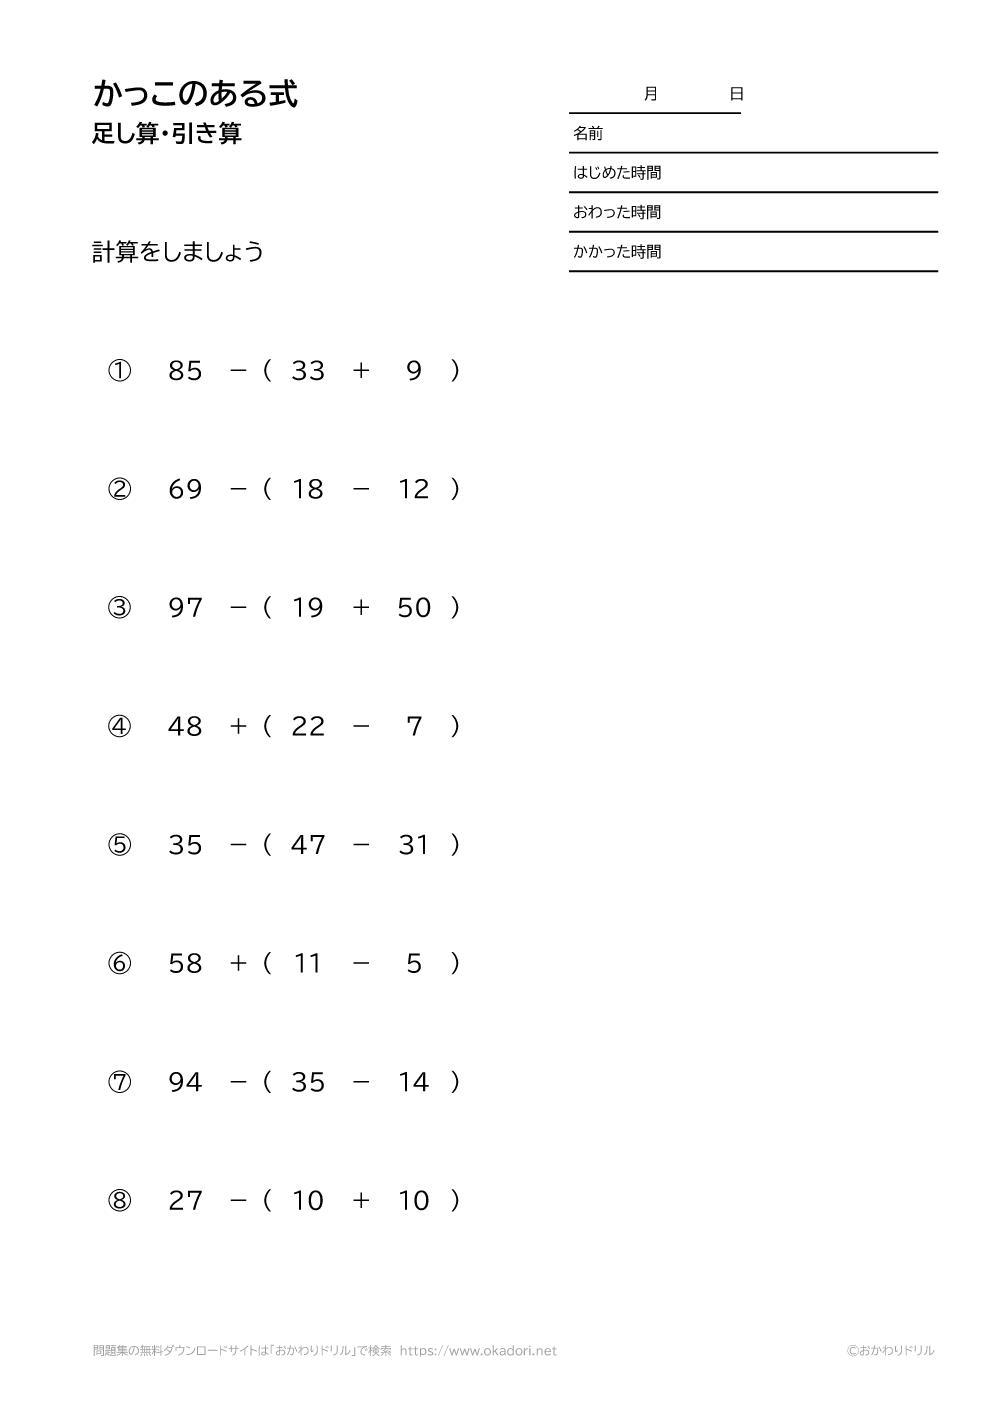 かっこのある式-足し算・引き算-5